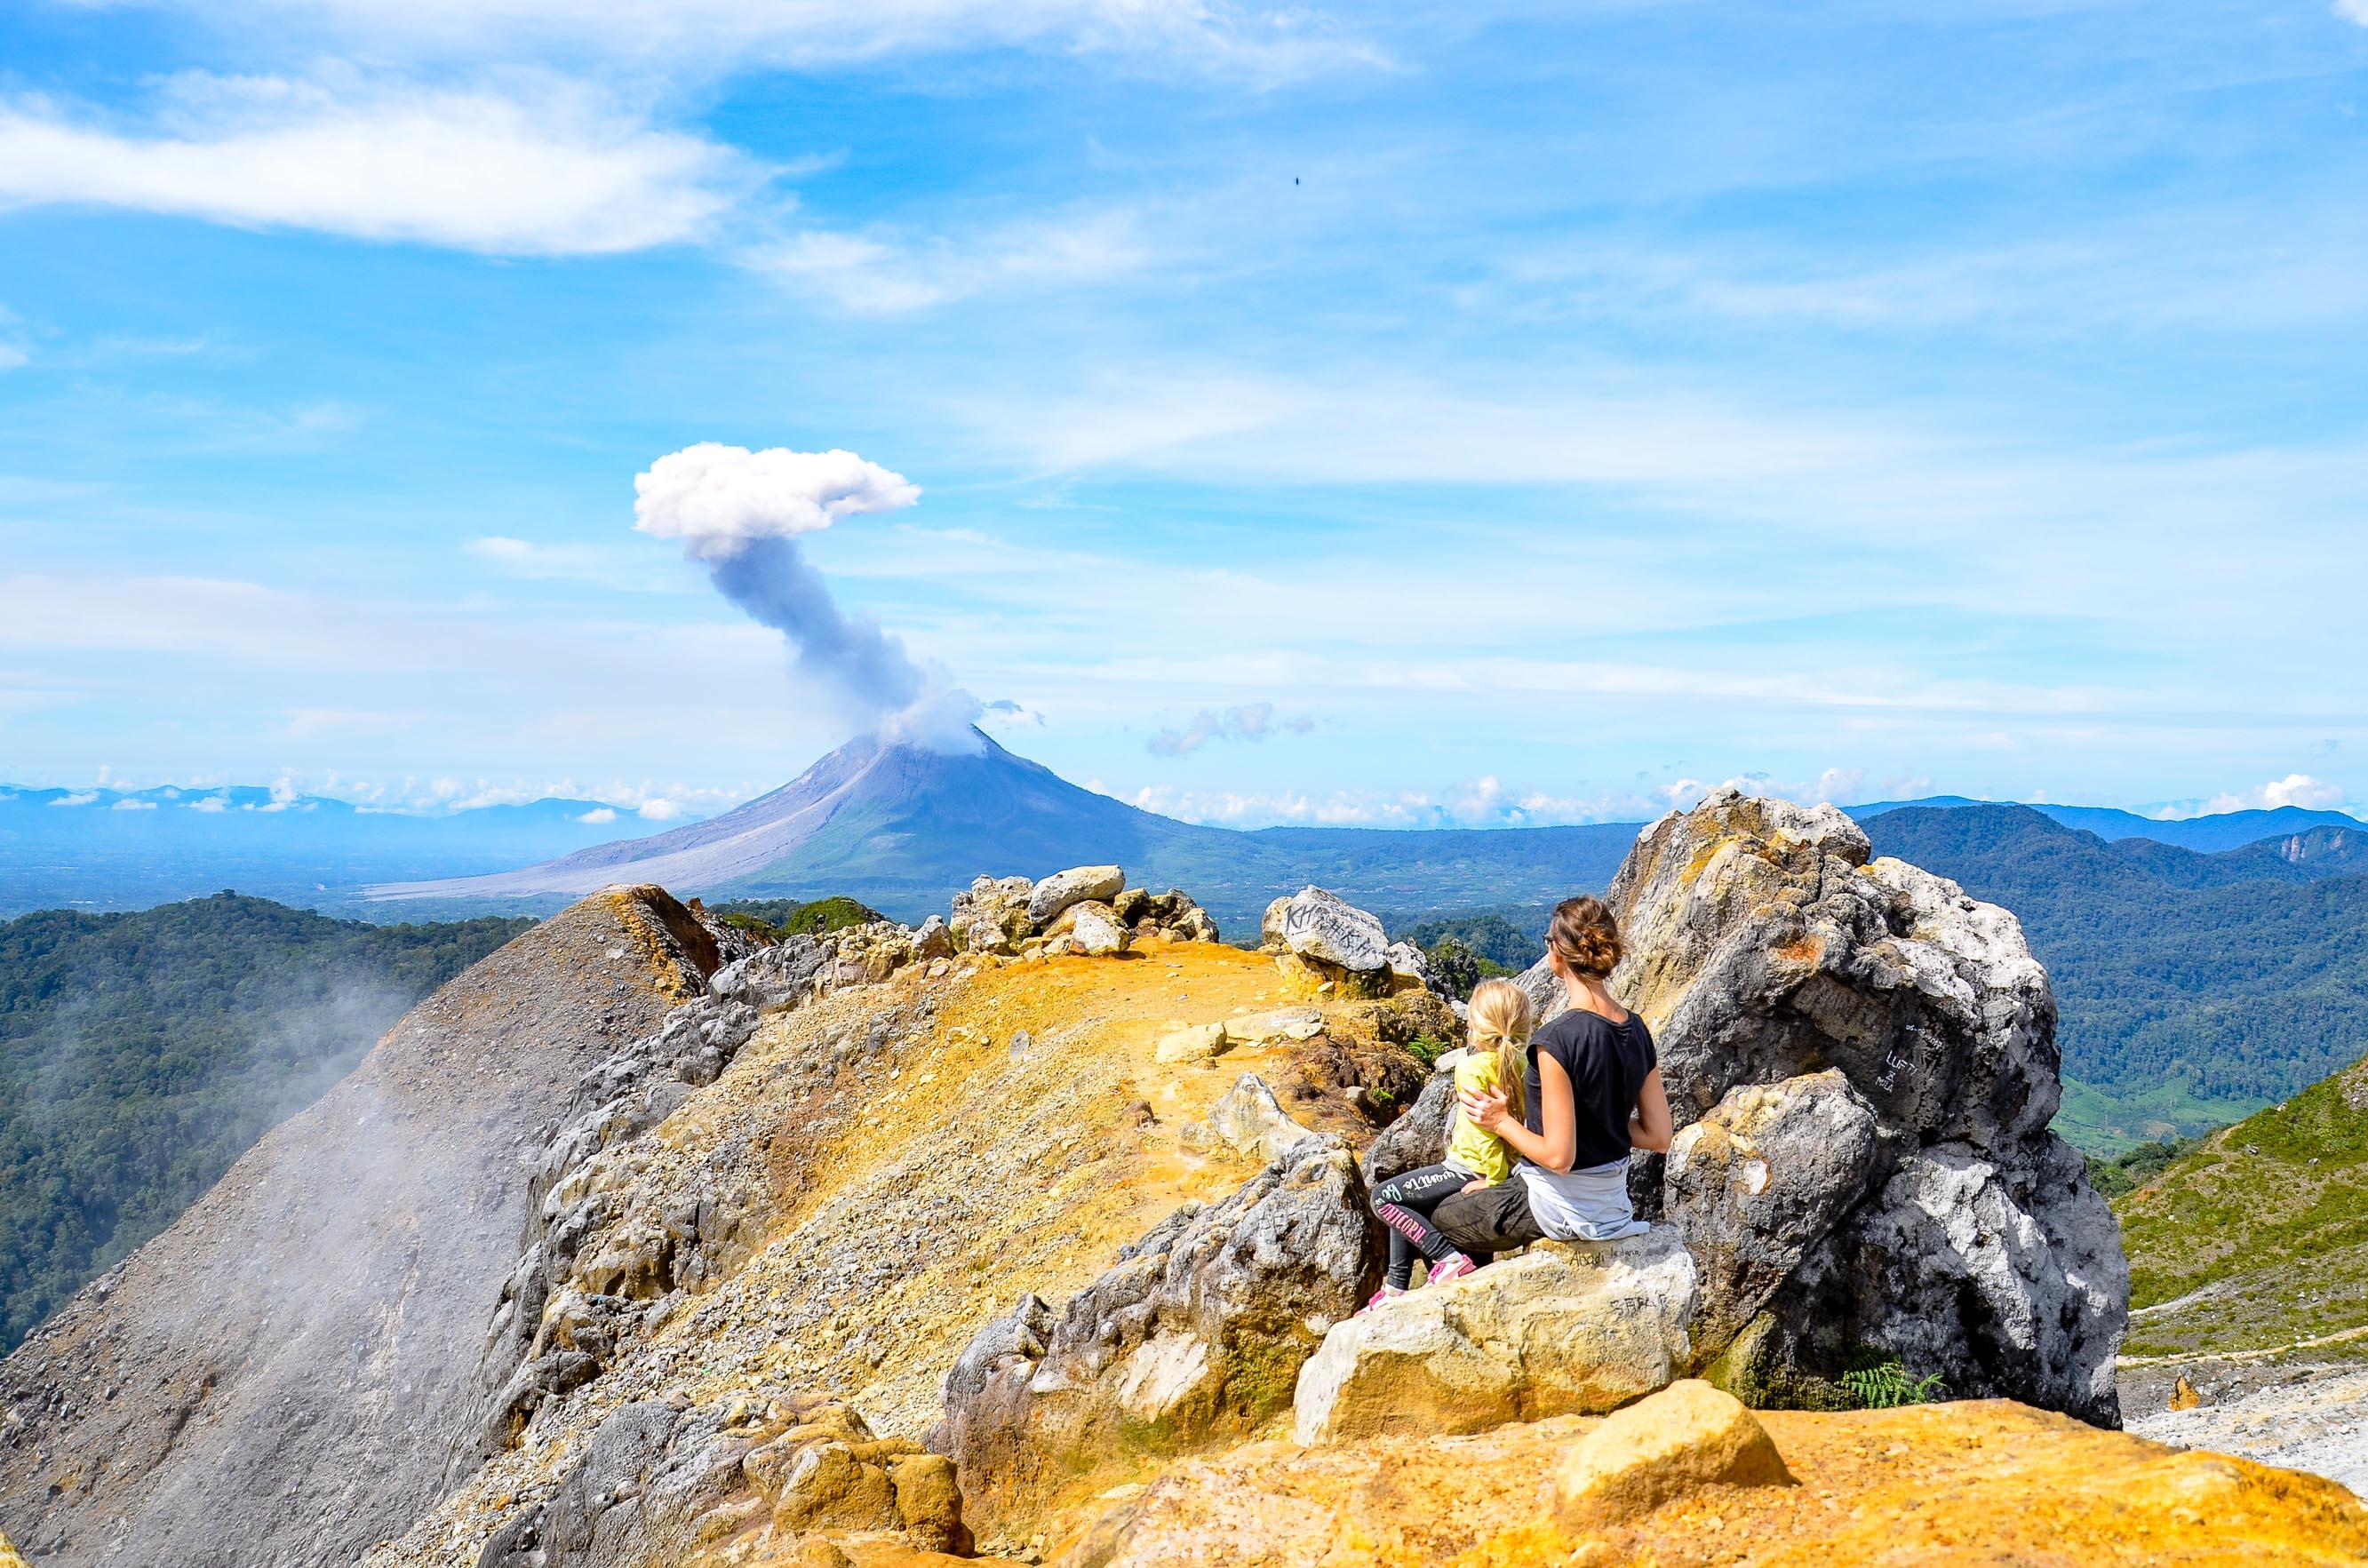 Widok z kaldery wulkany Sibayak na wyrzucający popiół Sinabung. Sibayak, Indonezja